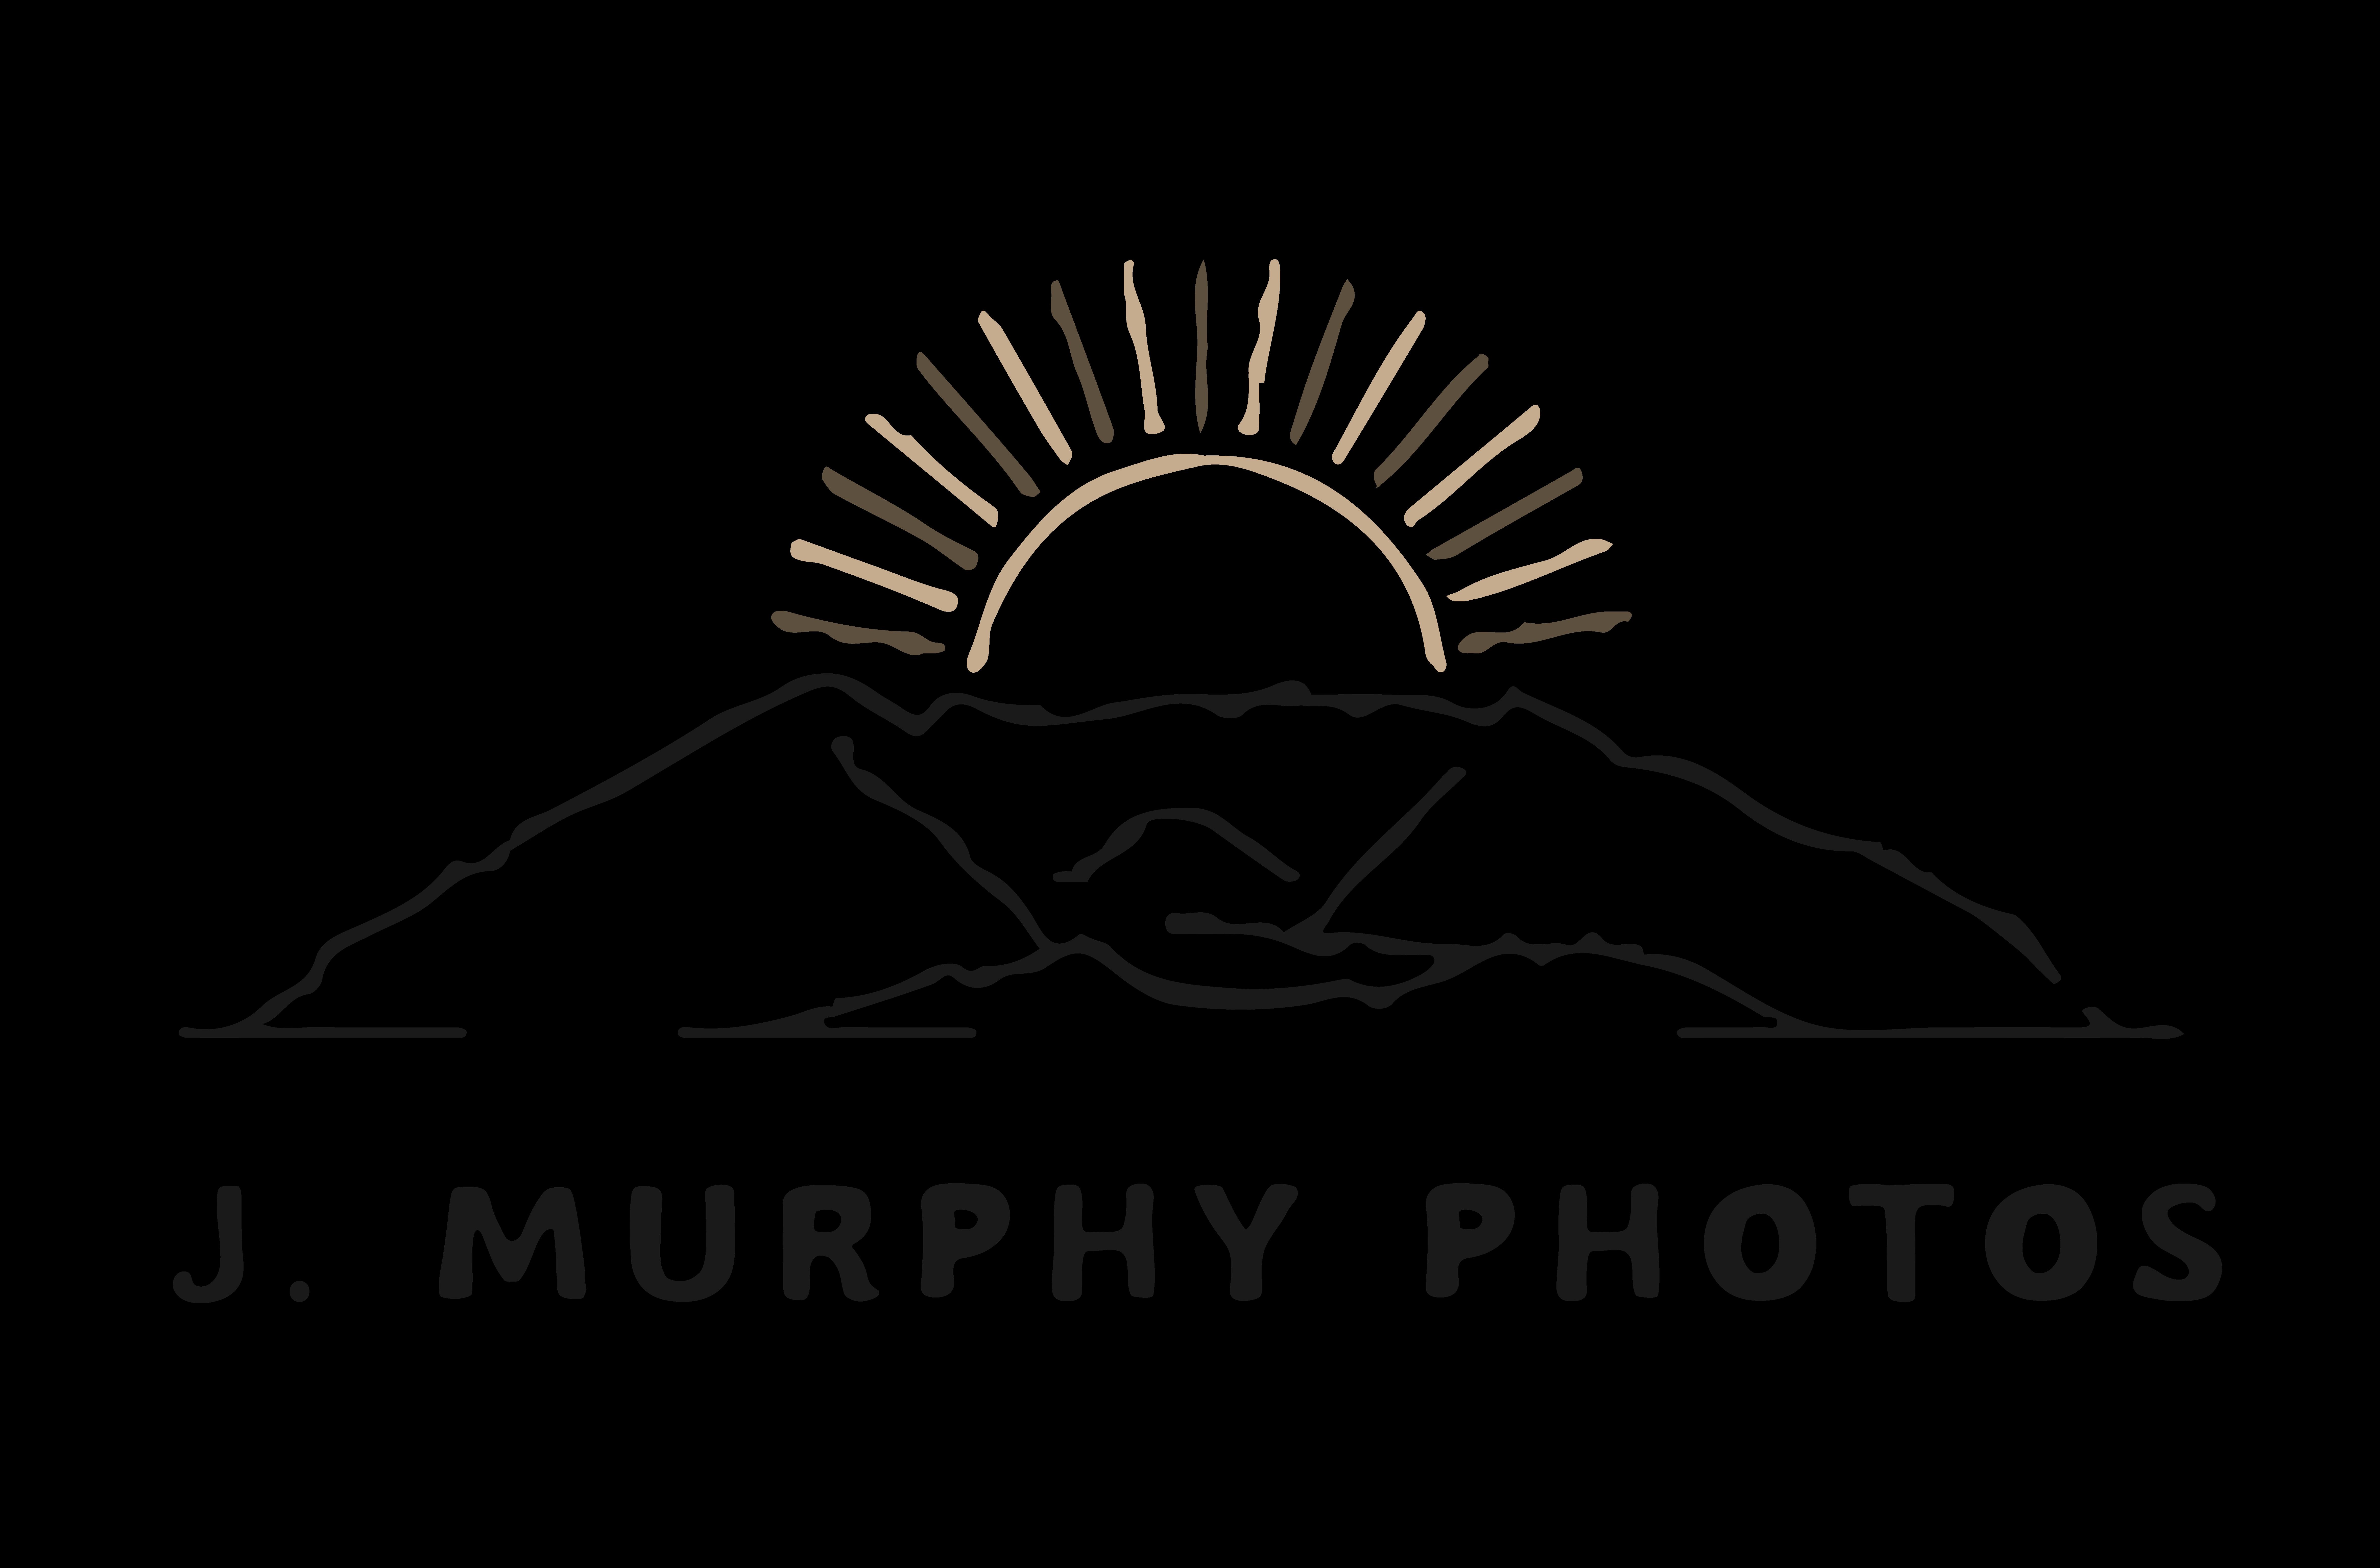 J Murphy Photos